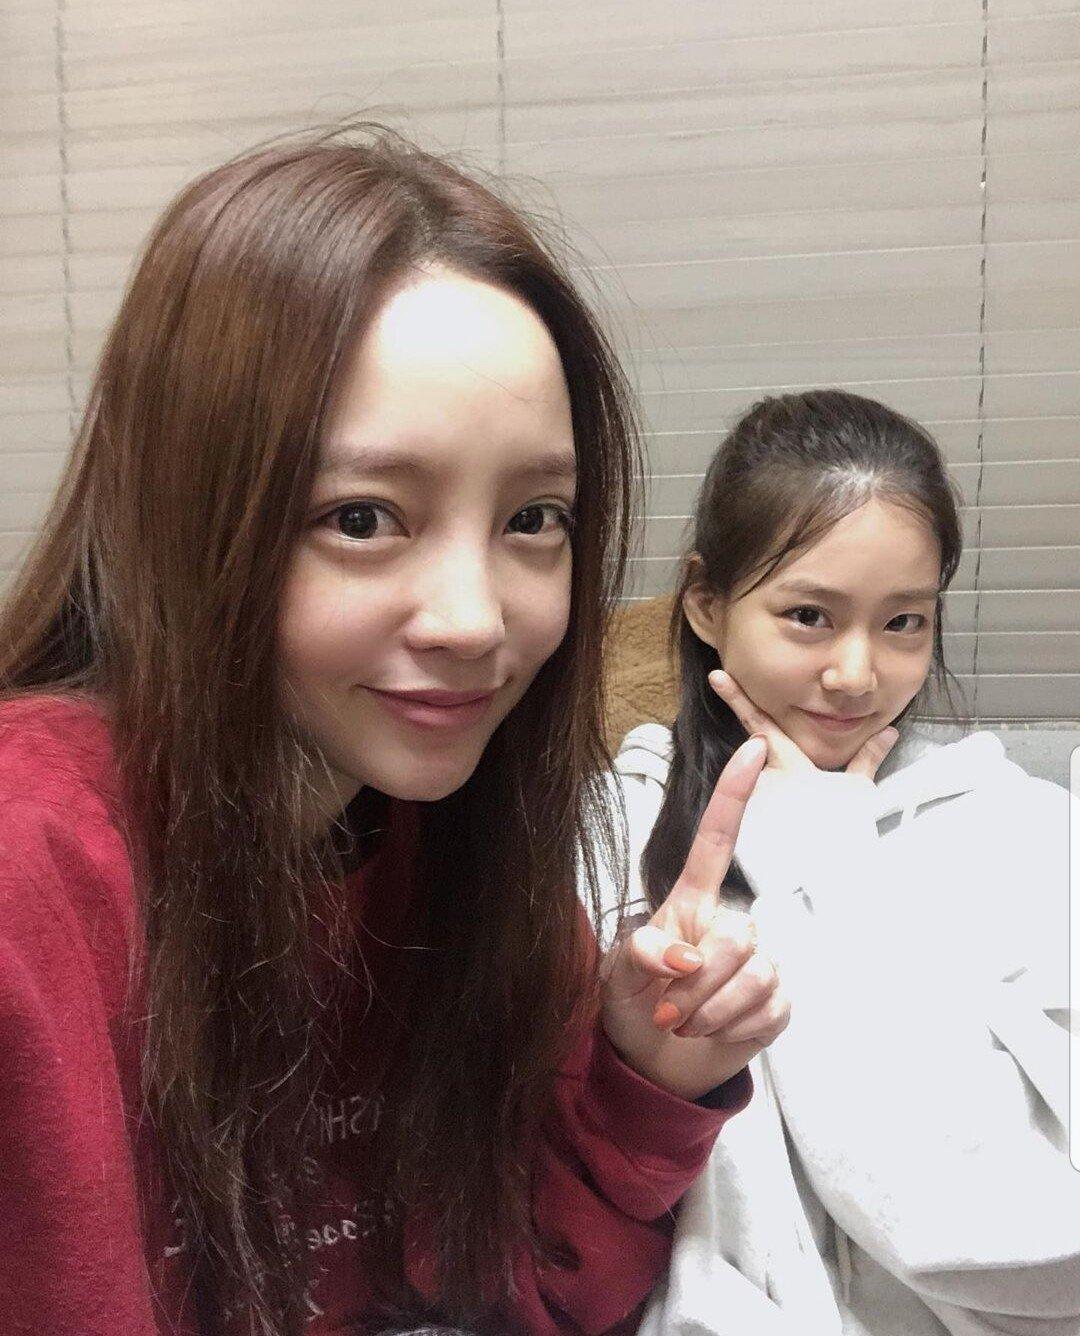 具荷拉&韩胜妍再会KARA:姐姐真是童颜